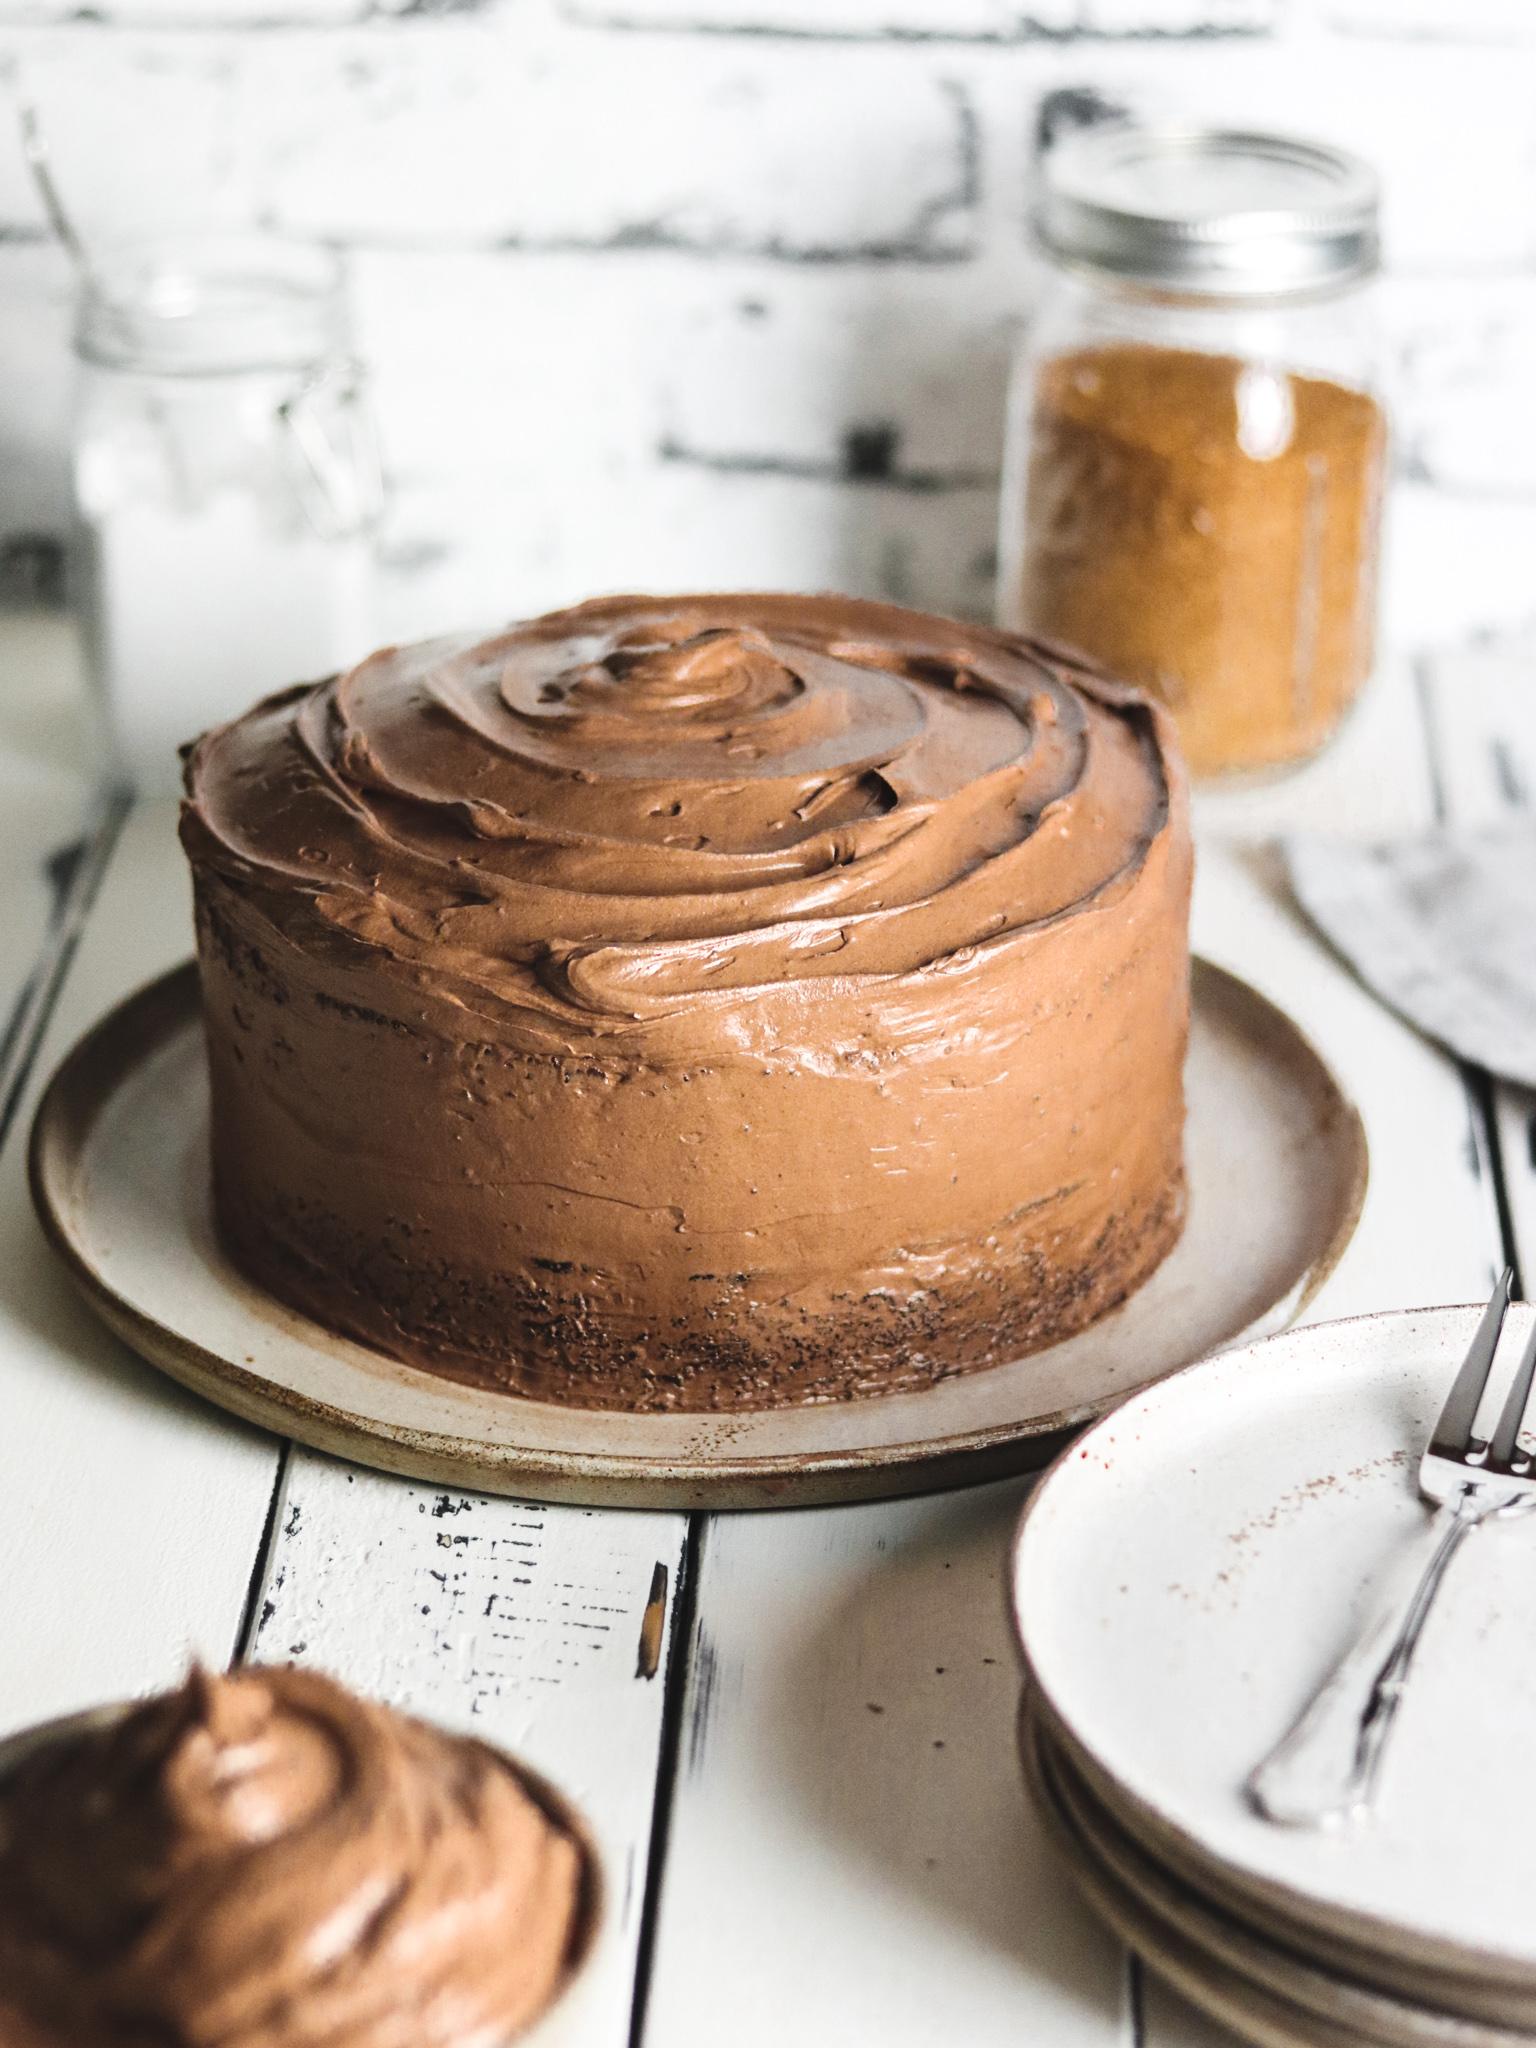 Saftiger Schokoladenkuchen - Front